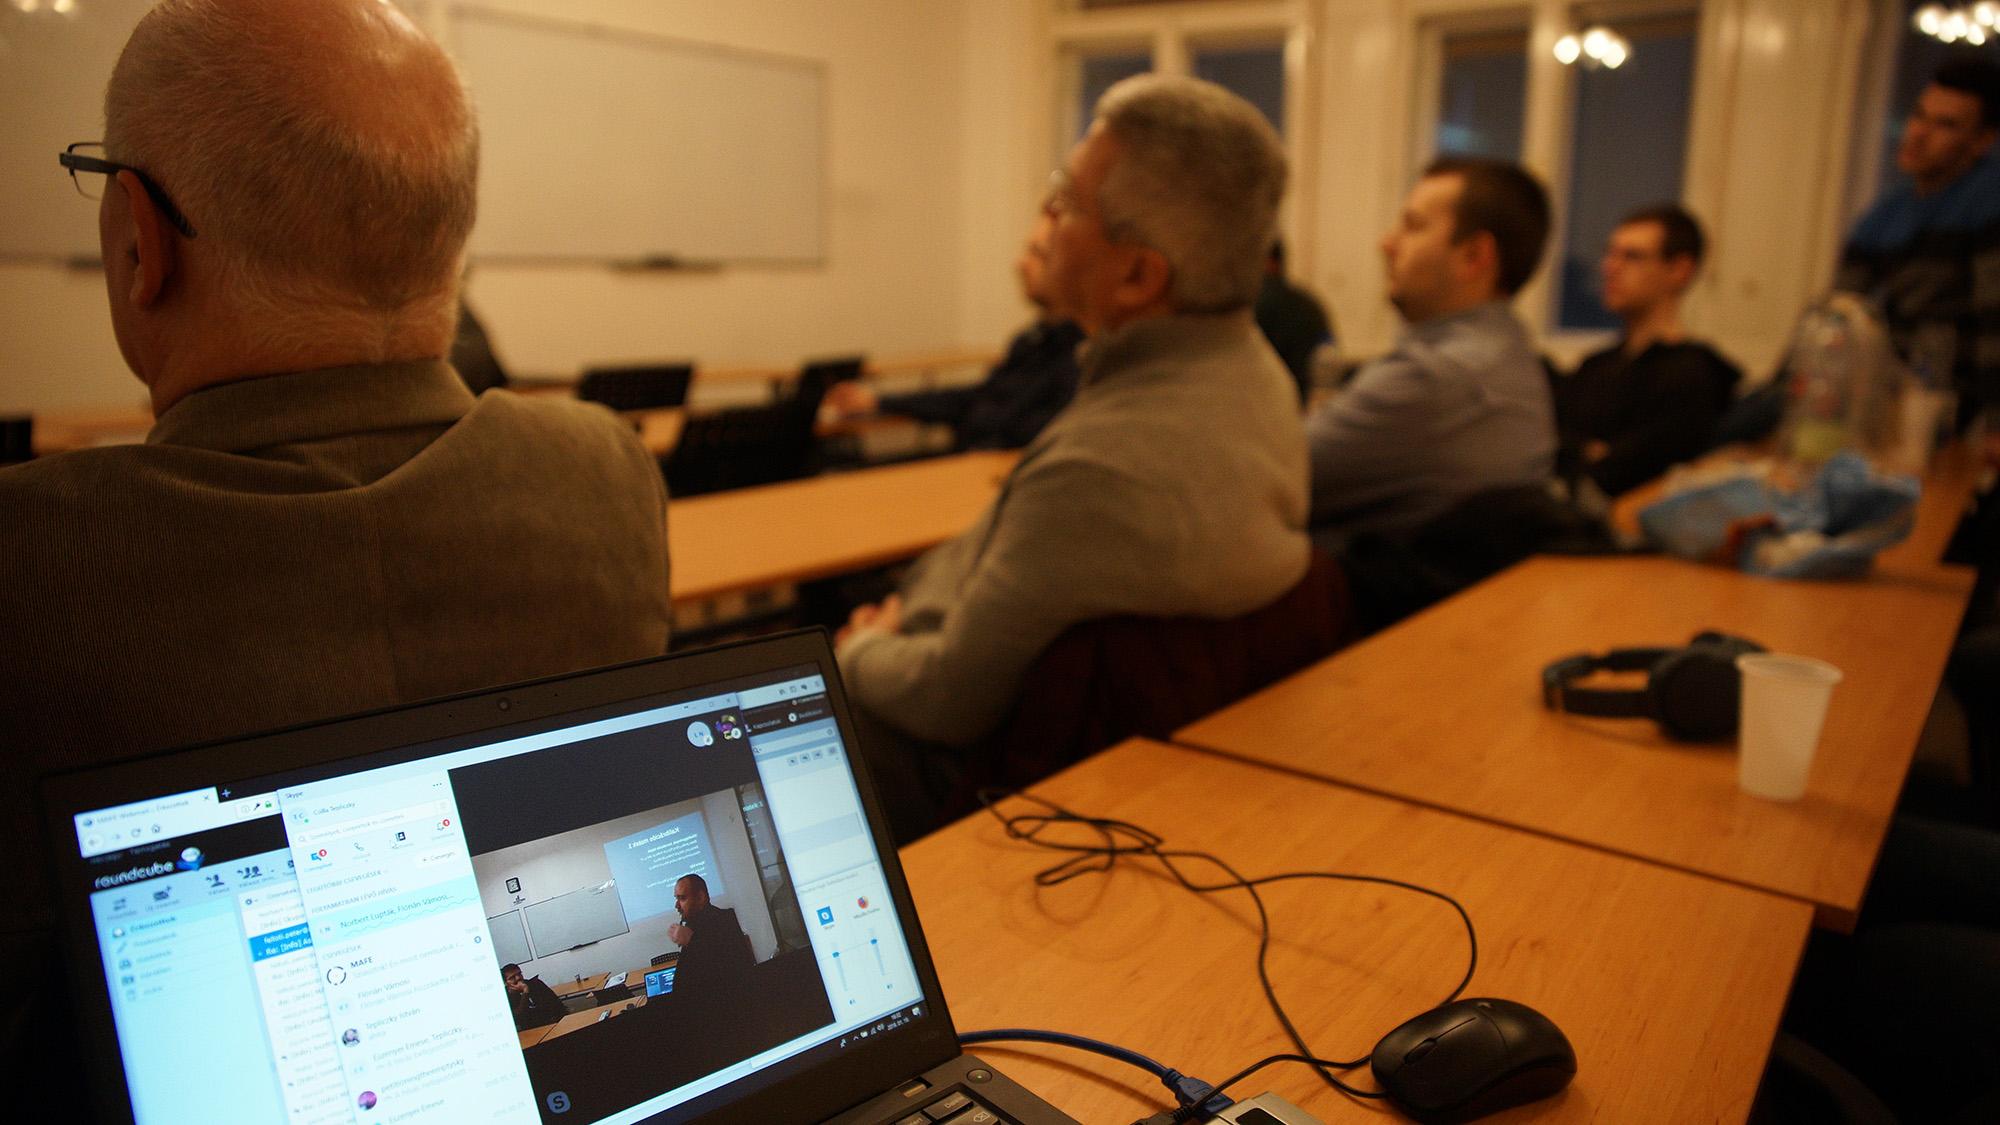 Tepliczky Csilla közvetítette skype-on az alkalmat